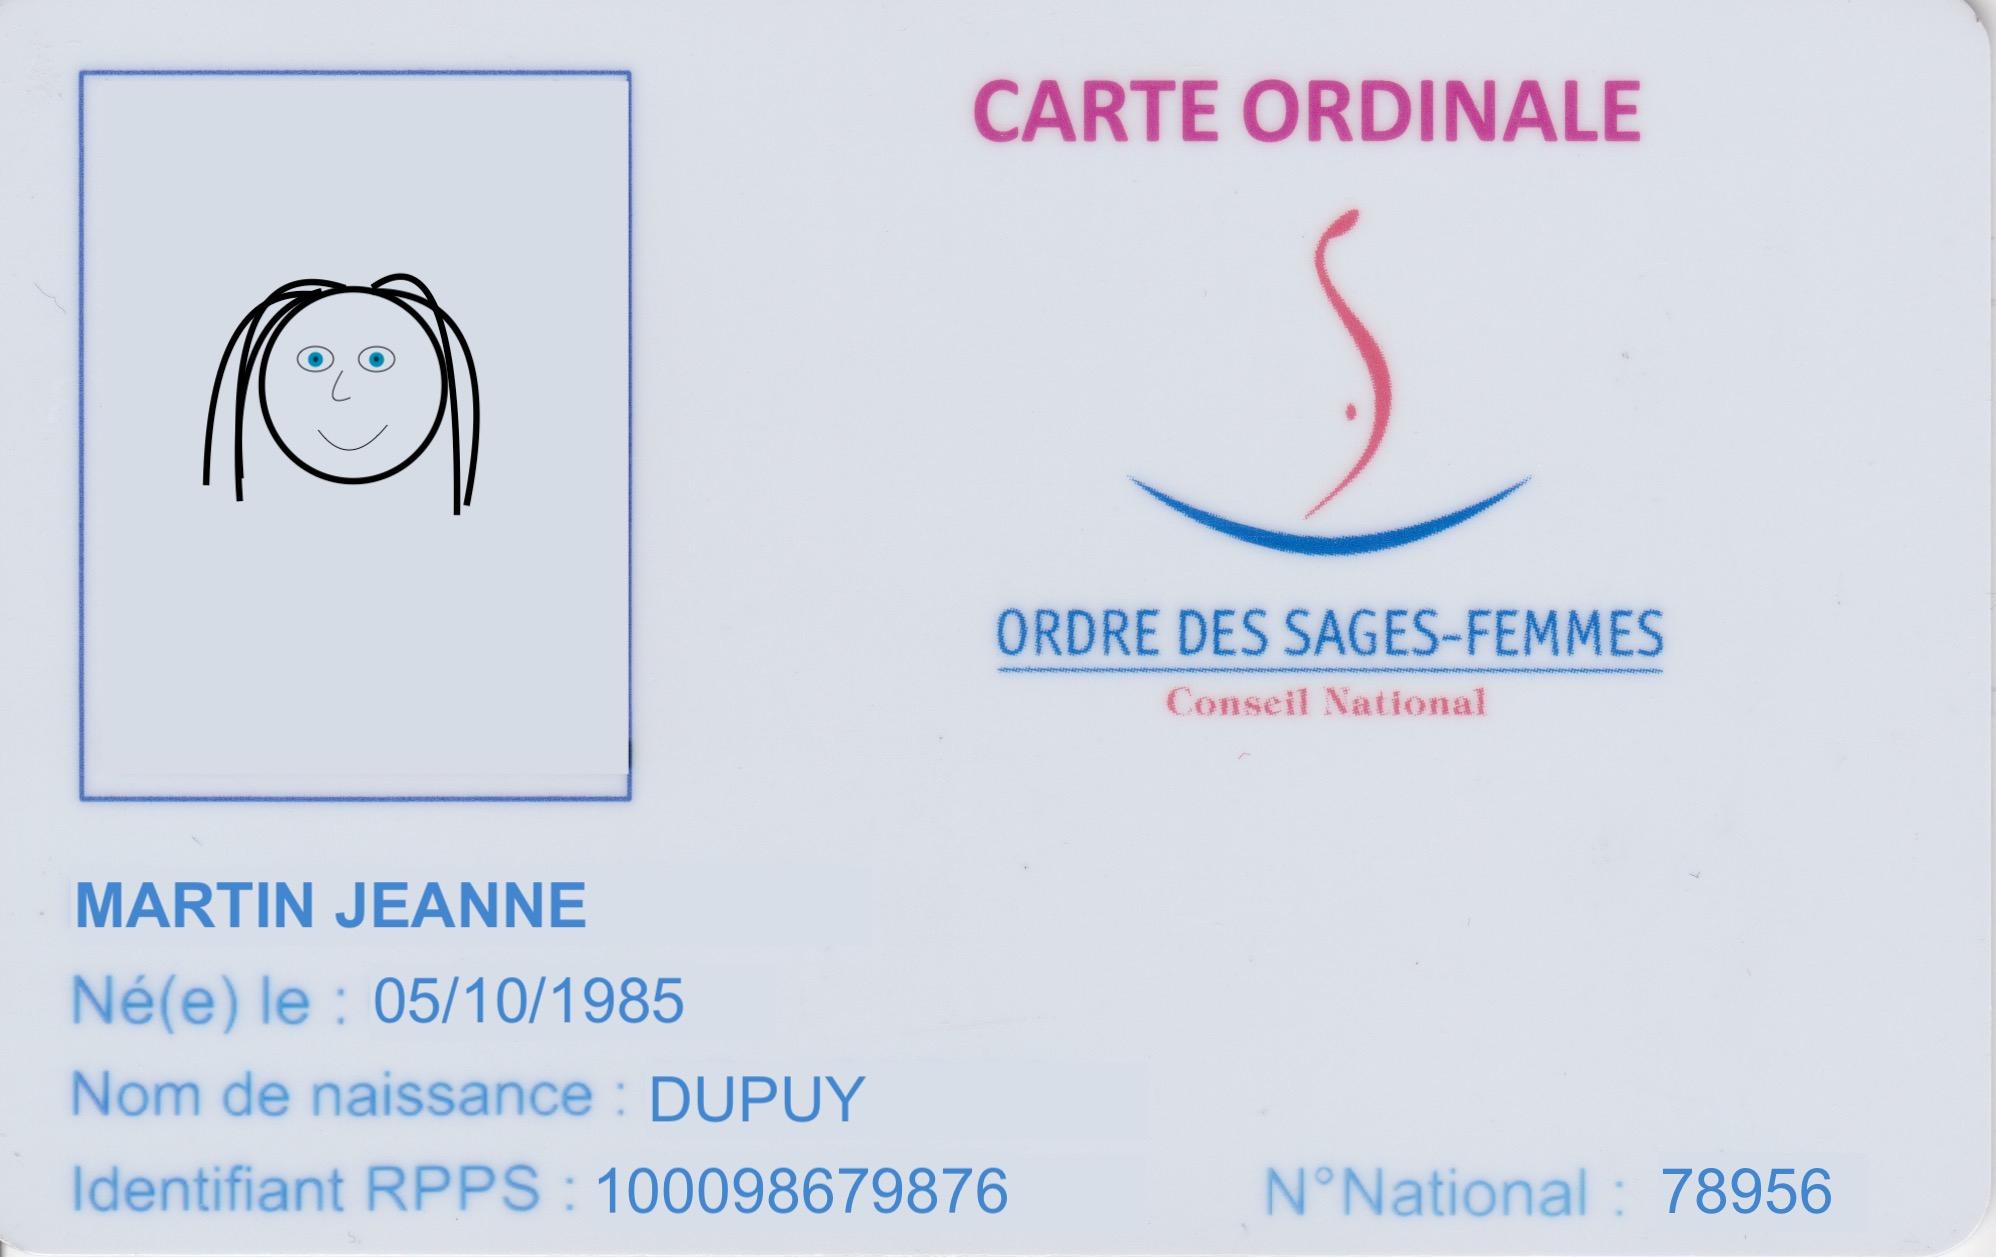 Cotisation 2021 - Ordre Des Sages-Femmes